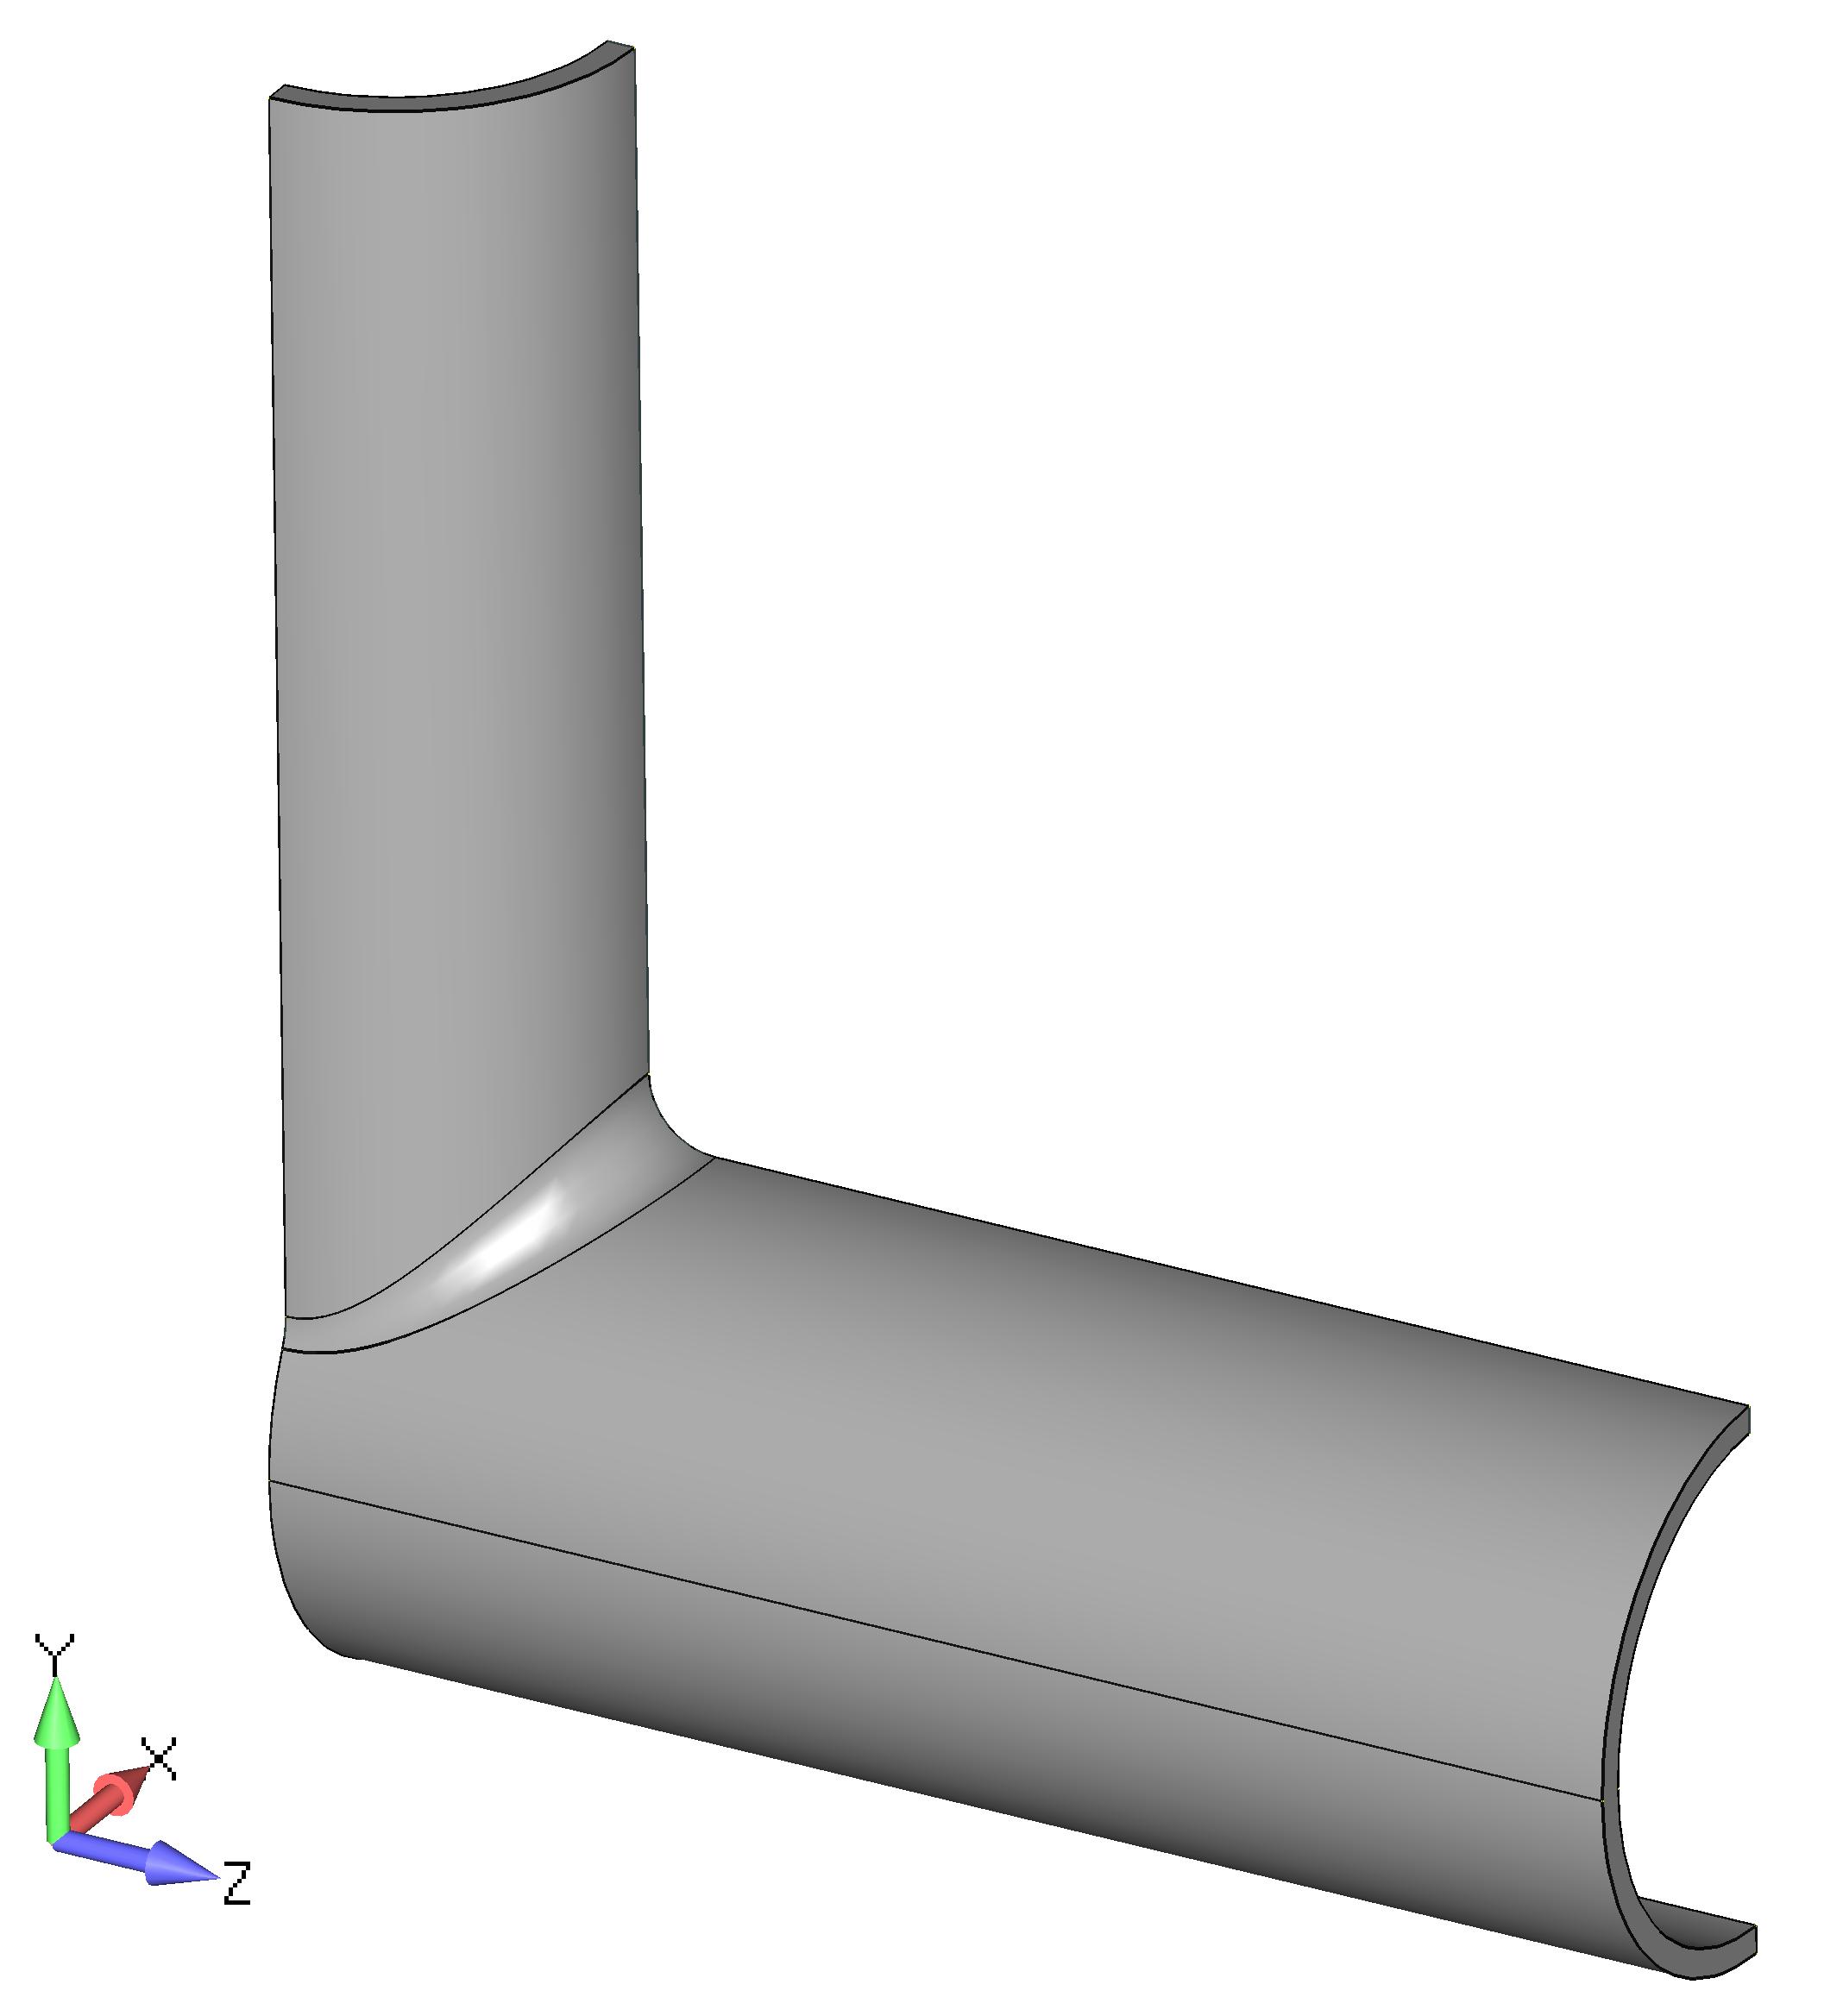 Femap NX Nastran удаление половины модели сварной трубы